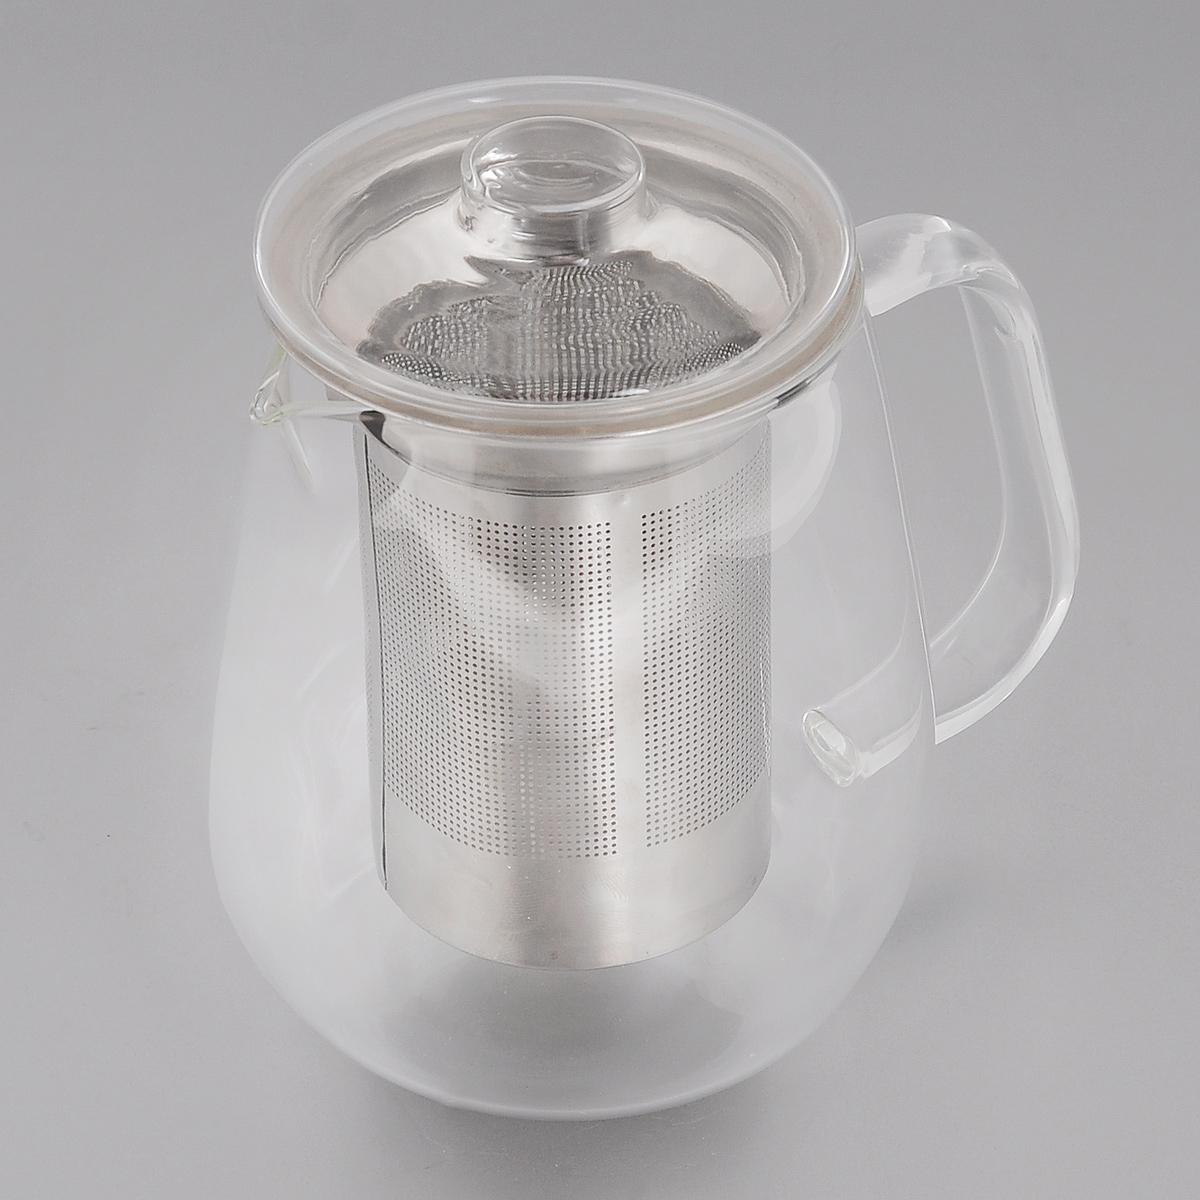 Чайник заварочный Winner, с фильтром, 650 млWR-5220Заварочный чайник Winner, изготовленный из термостойкого стекла,предоставит вам все необходимые возможности для успешного заваривания чая.Чай в таком чайнике дольше остается горячим, а полезные и ароматическиевещества полностью сохраняются в напитке. Чайник оснащен фильтром и крышкой. Фильтр выполнен из нержавеющей стали.Простой и удобный чайник поможет вам приготовить крепкий, ароматный чай. Нельзя мыть в посудомоечной машине. Не использовать в микроволновой печи.Диаметр чайника (по верхнему краю): 7,5 см. Высота чайника (без учета крышки): 12 см. Высота фильтра: 10 см.